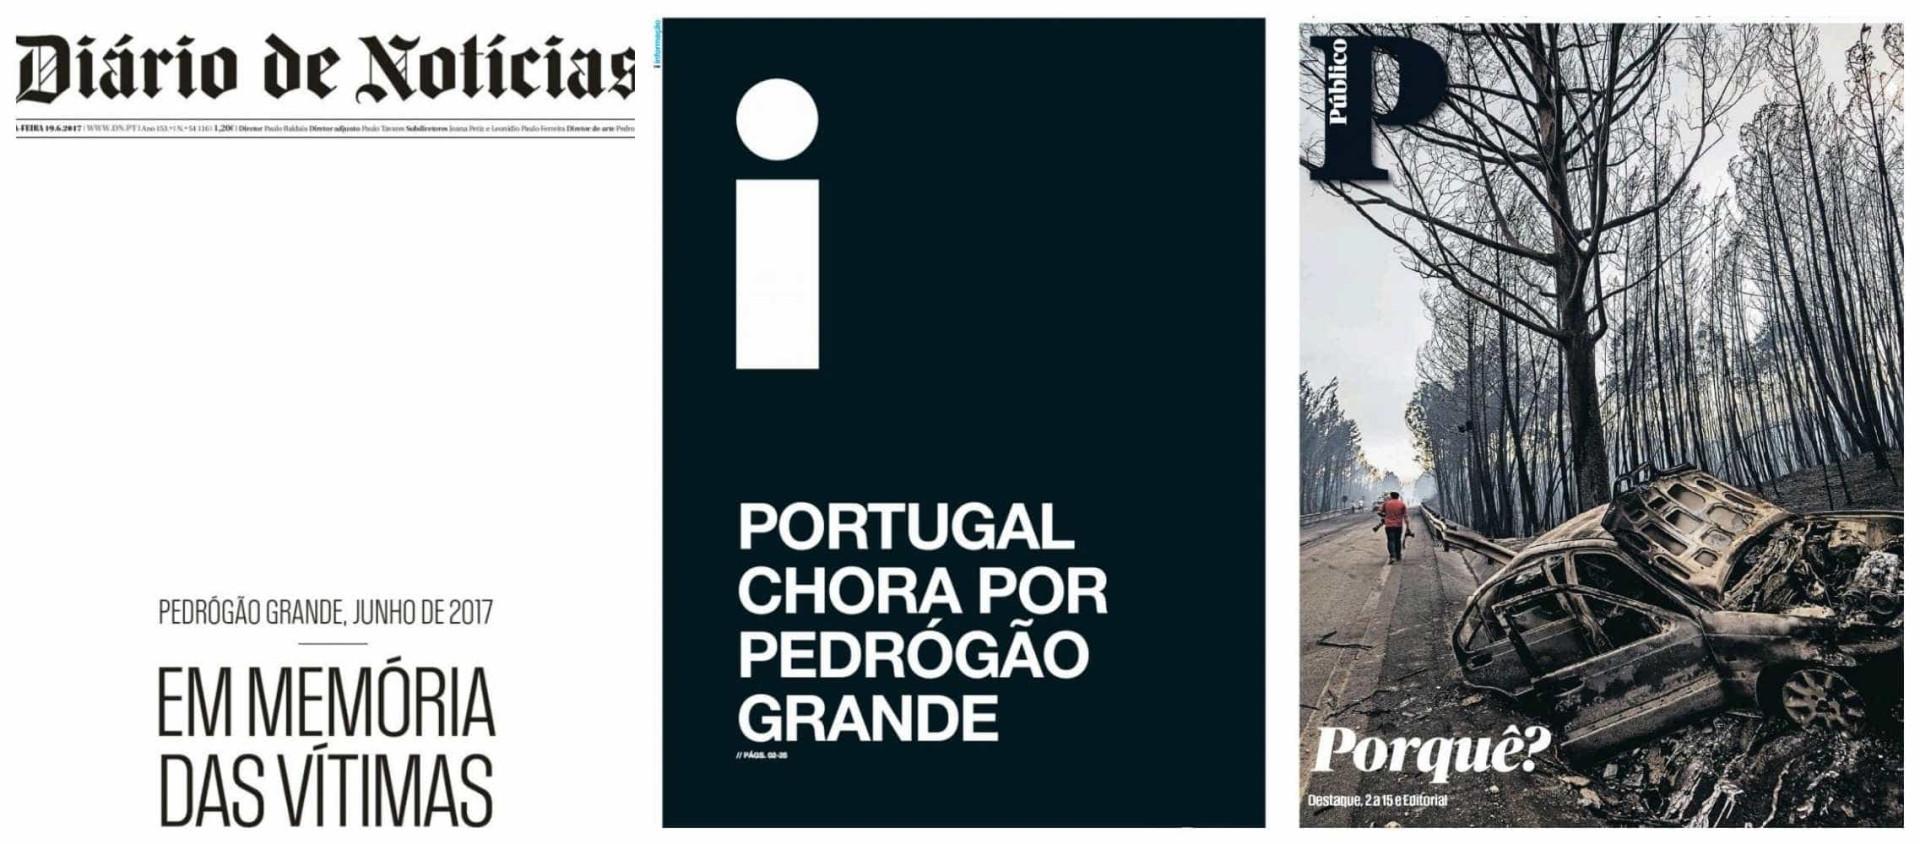 Pedrógão Grande: Luto na primeira página dos jornais nacionais